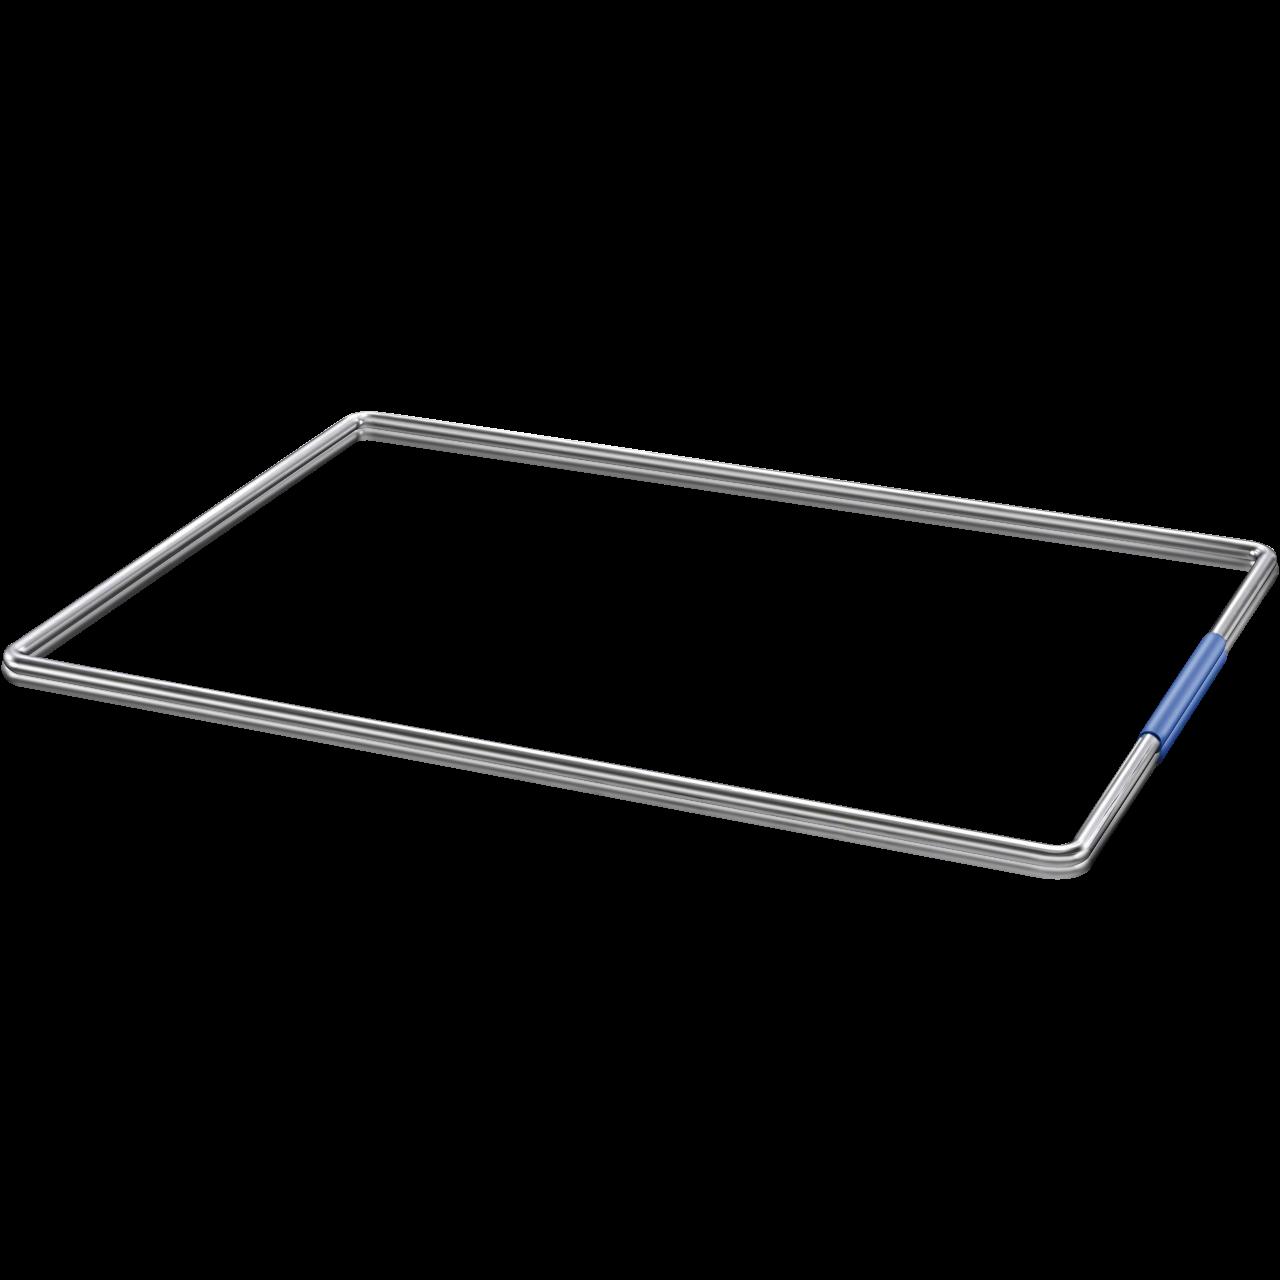 Folientestrahmen für Ultraschallgerät Podosonic 10